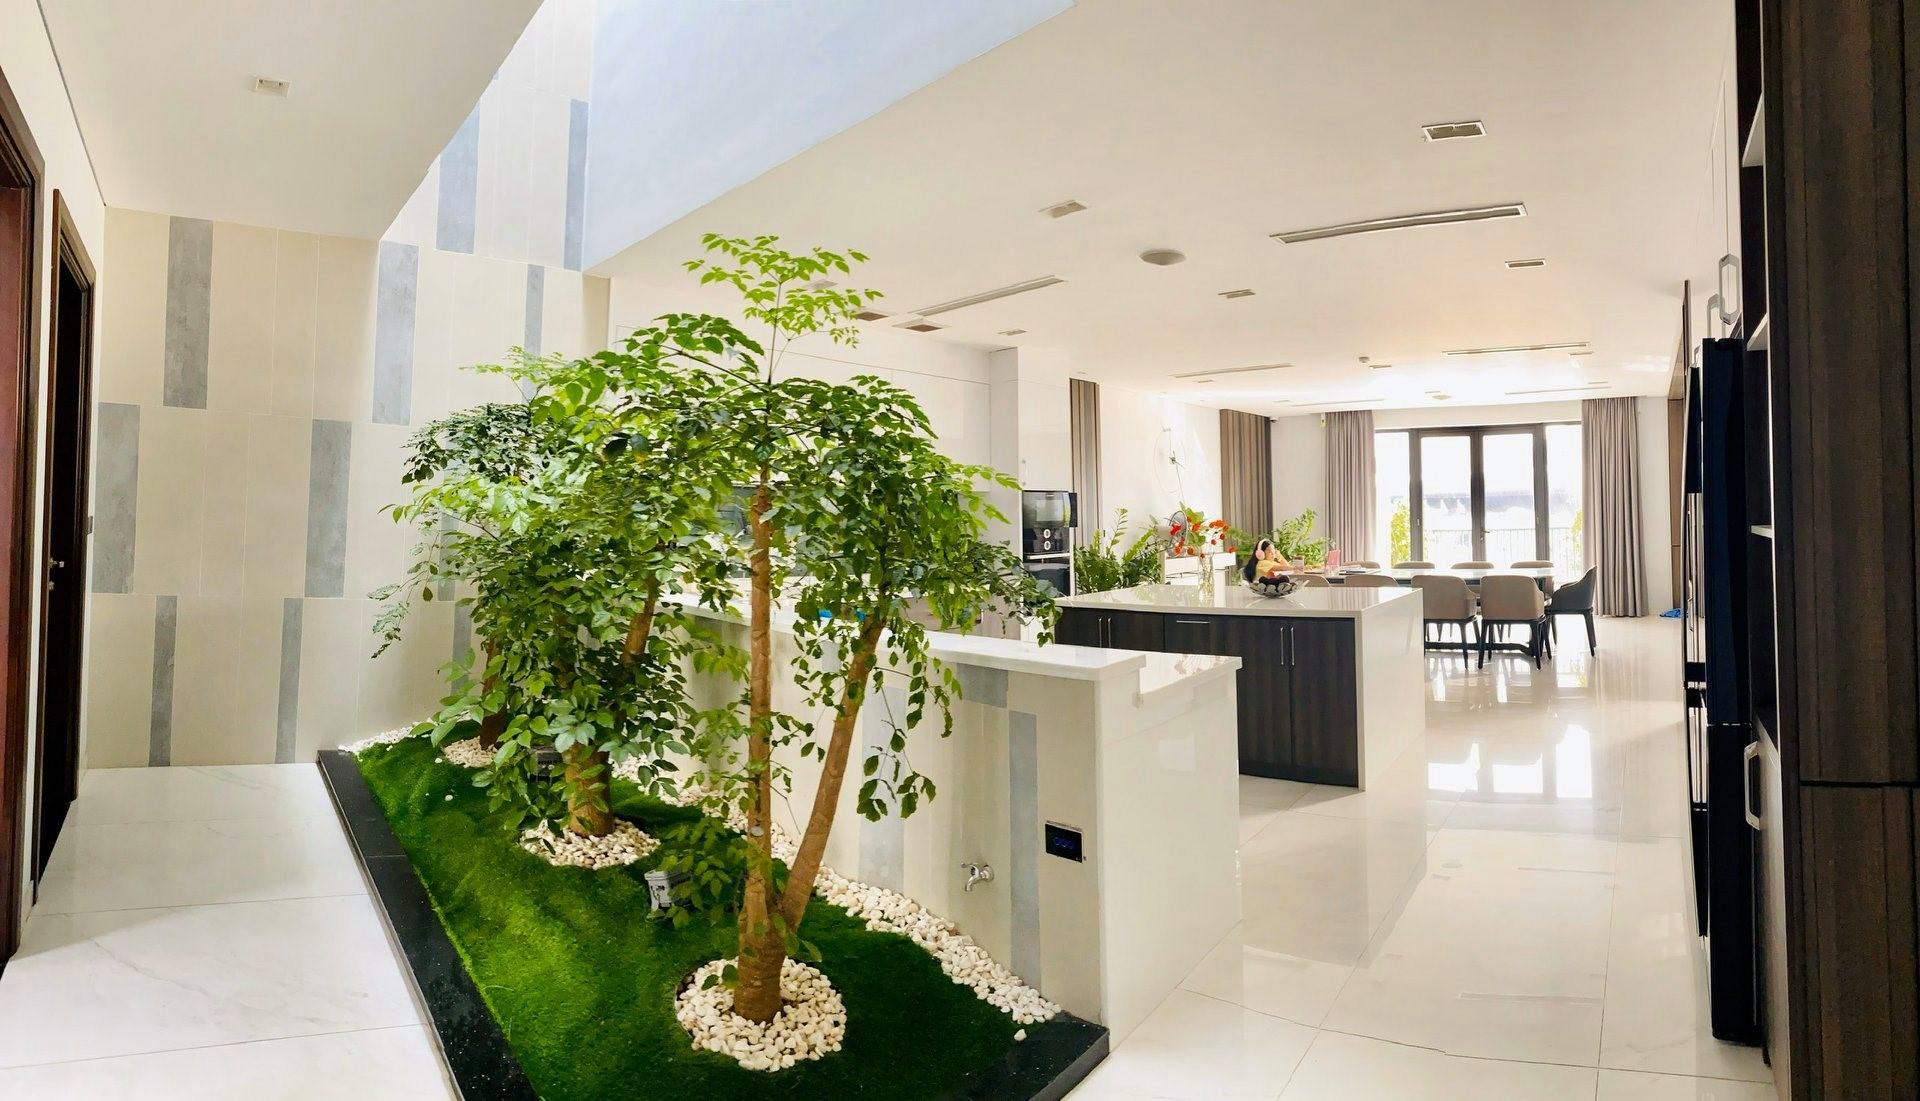 atrium plants